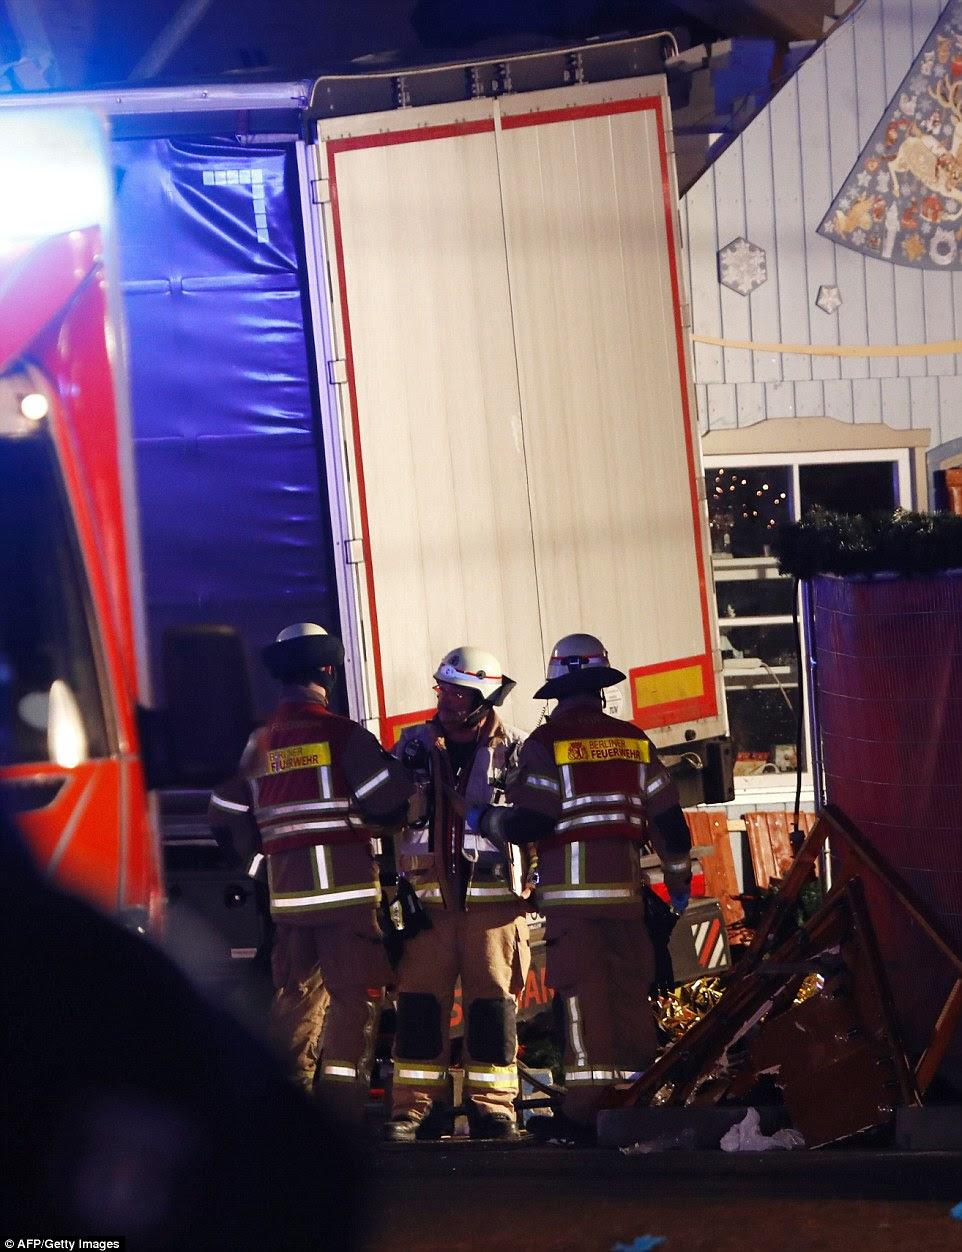 Ambulâncias e polícia correu para a área depois que o motorista dirigiu até a calçada do mercado na praça central popular entre os turistas, em cenas que lembram do ataque caminhão mortal na cidade francesa de Nice, em julho